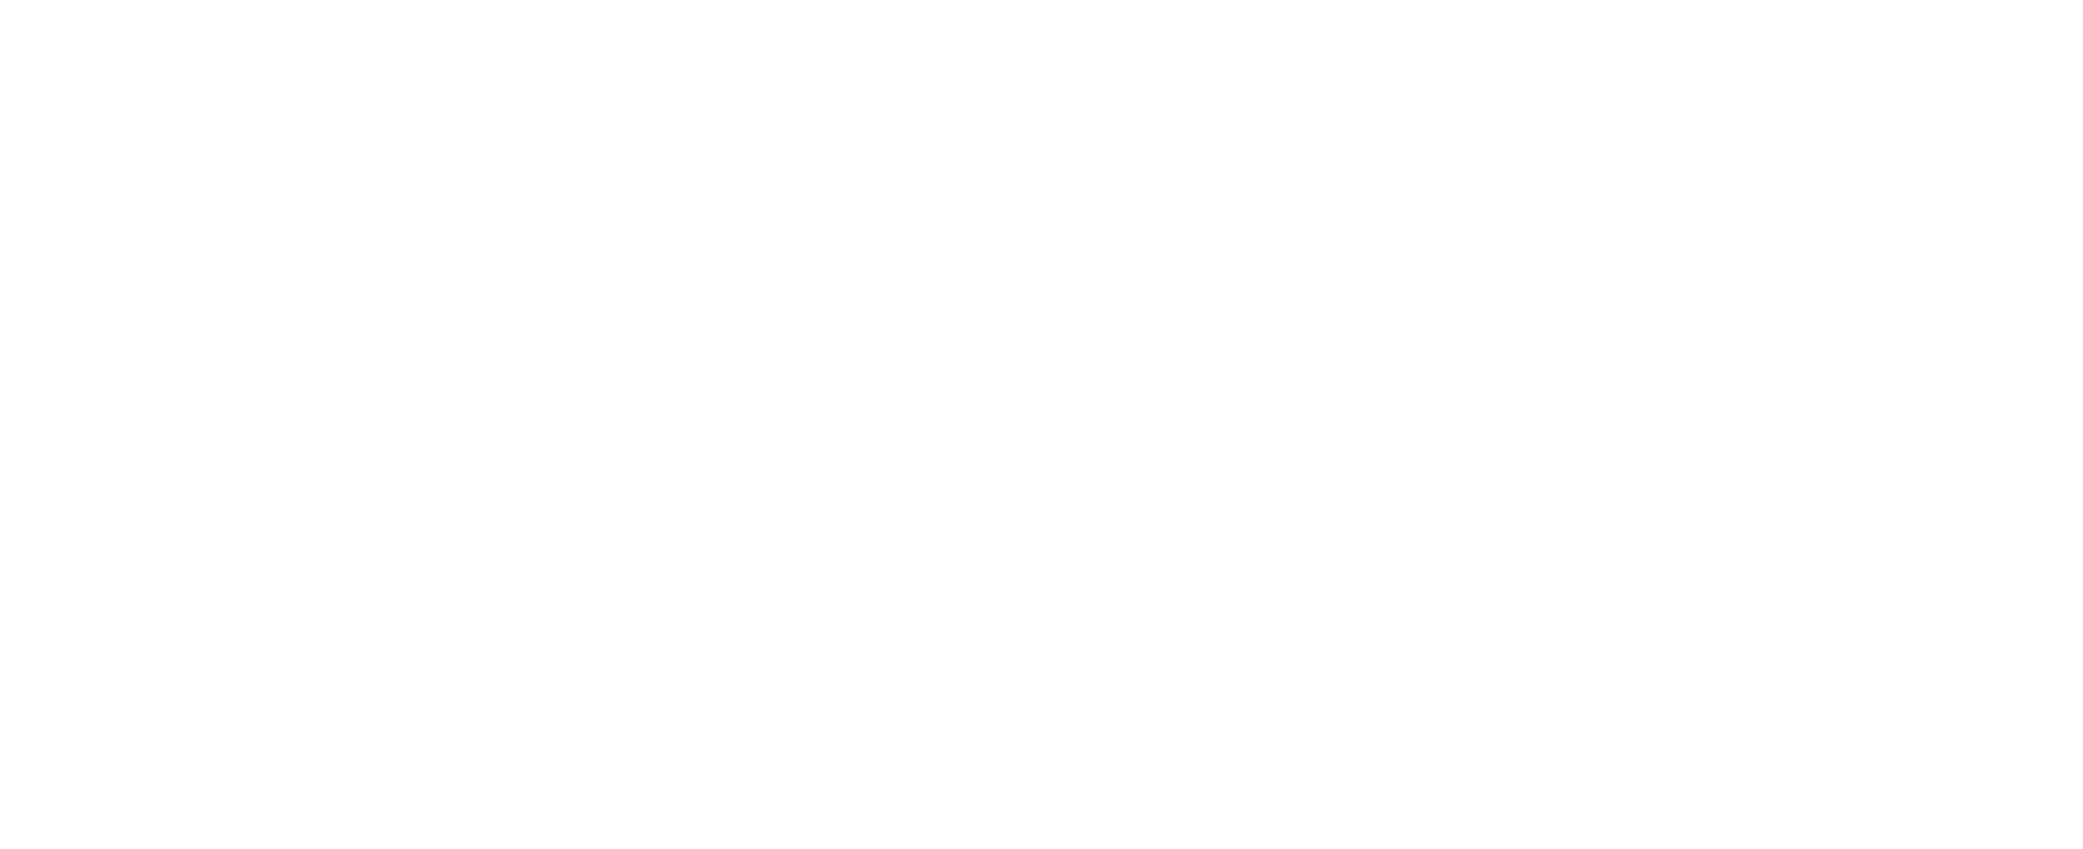 An image of SANCHA's logo